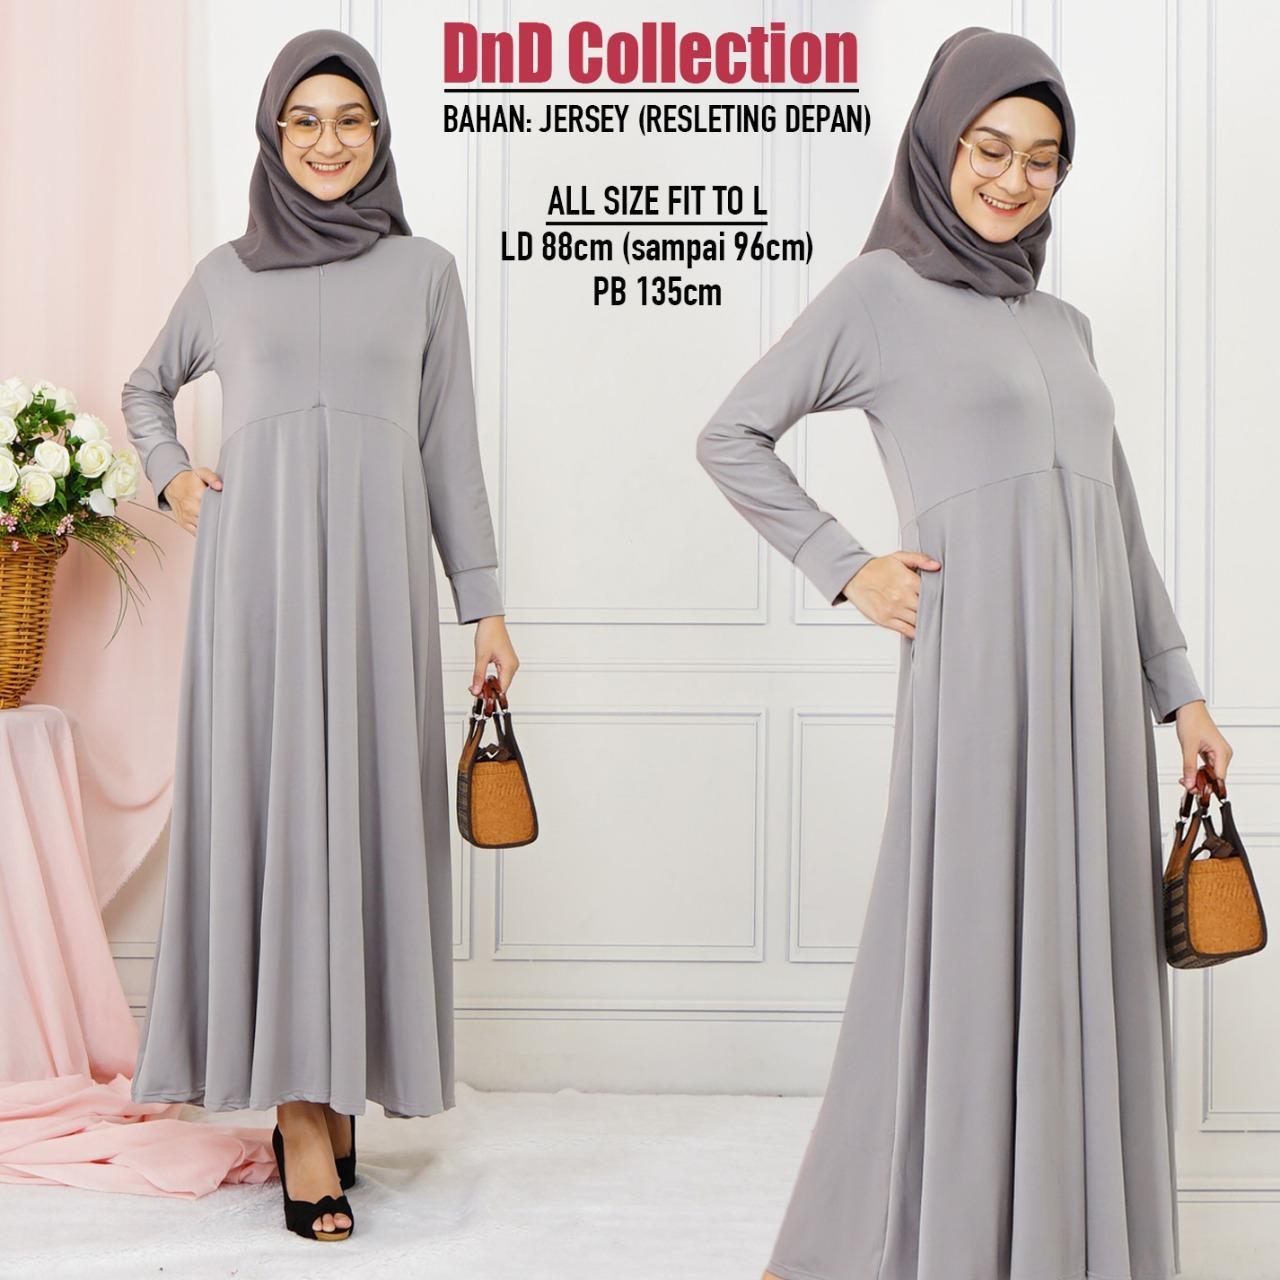 DnD - (COD) PROMO GAMIS MURAH Baju Gamis Gamis wanita Baju Muslimah Dress Muslimah